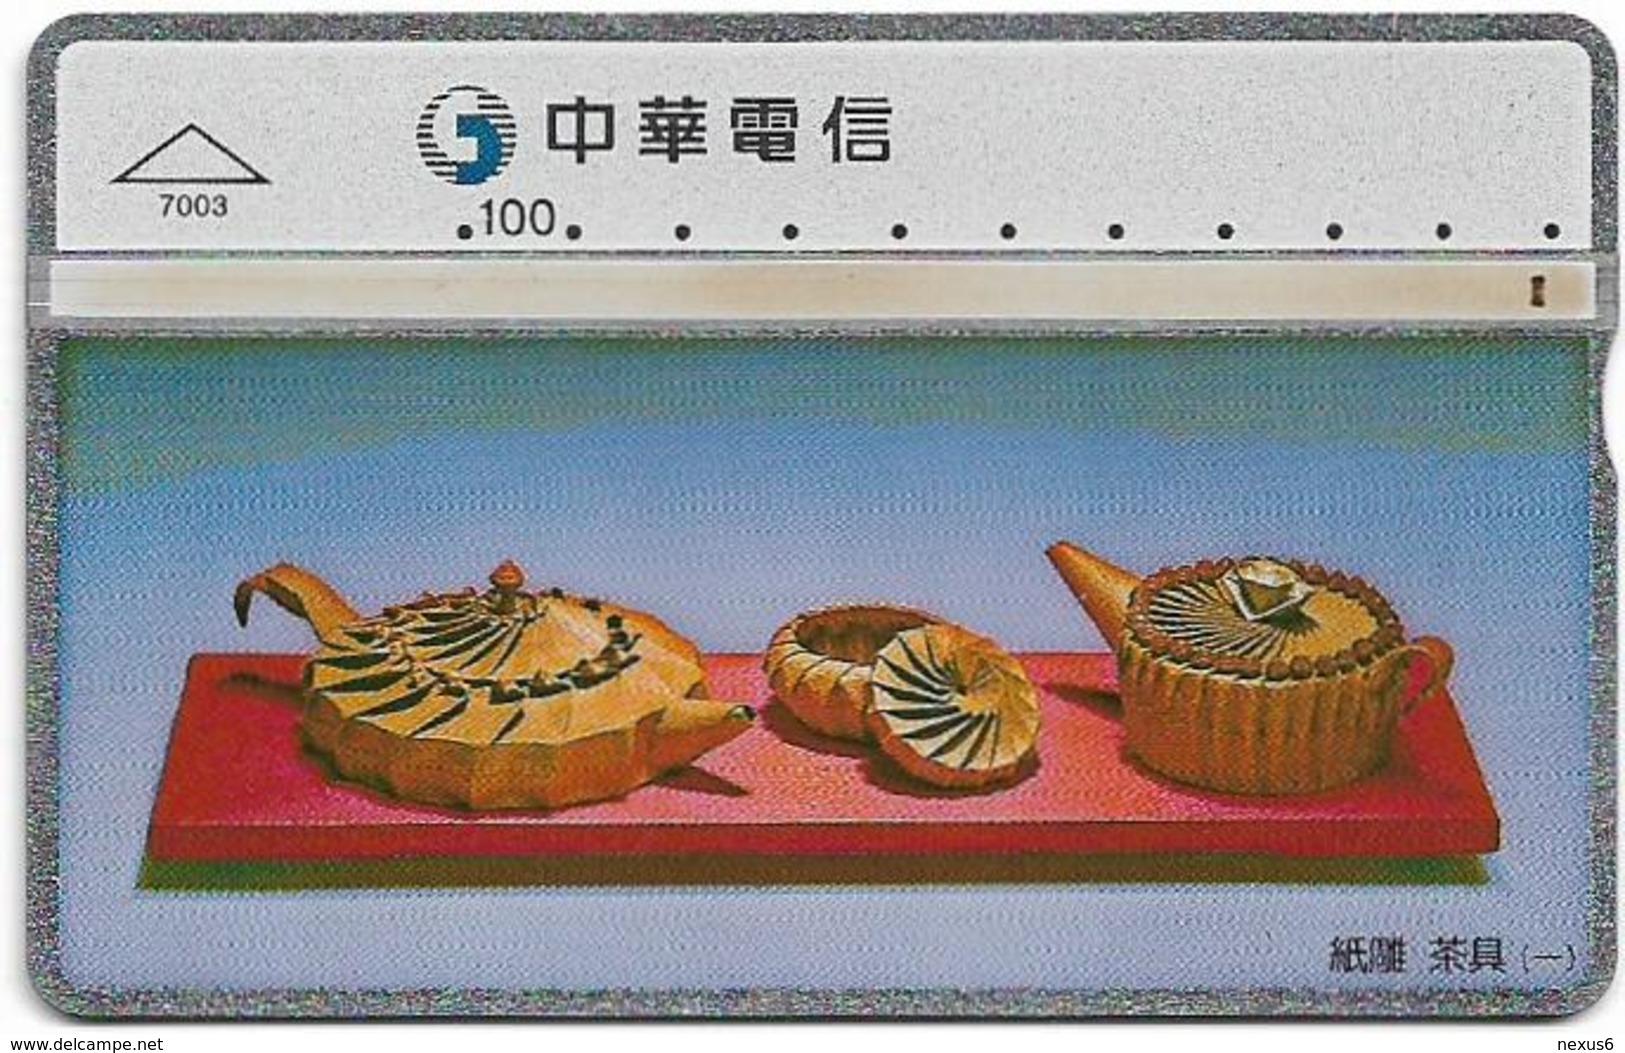 Taiwan - Chunghwa Telecom - L&G - Tea Set 1 - 670G - 1997, 100U, Used - Taiwán (Formosa)